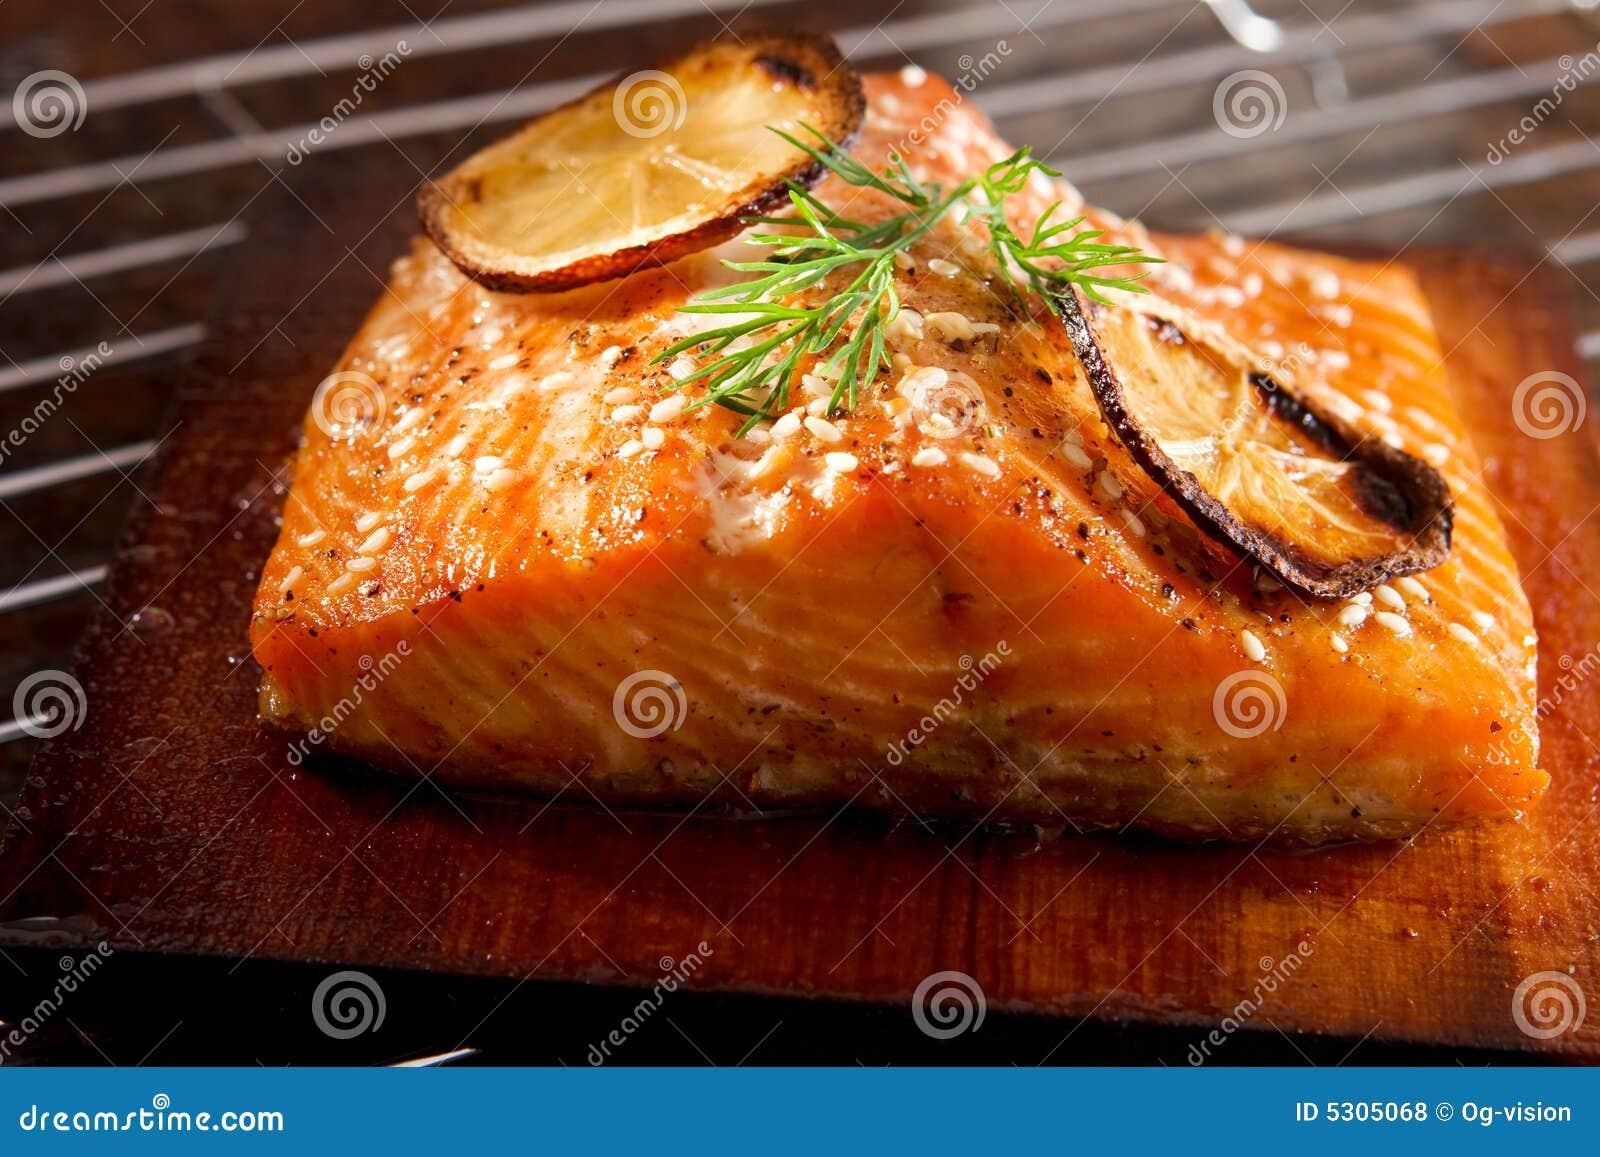 Salmones asados a la parilla